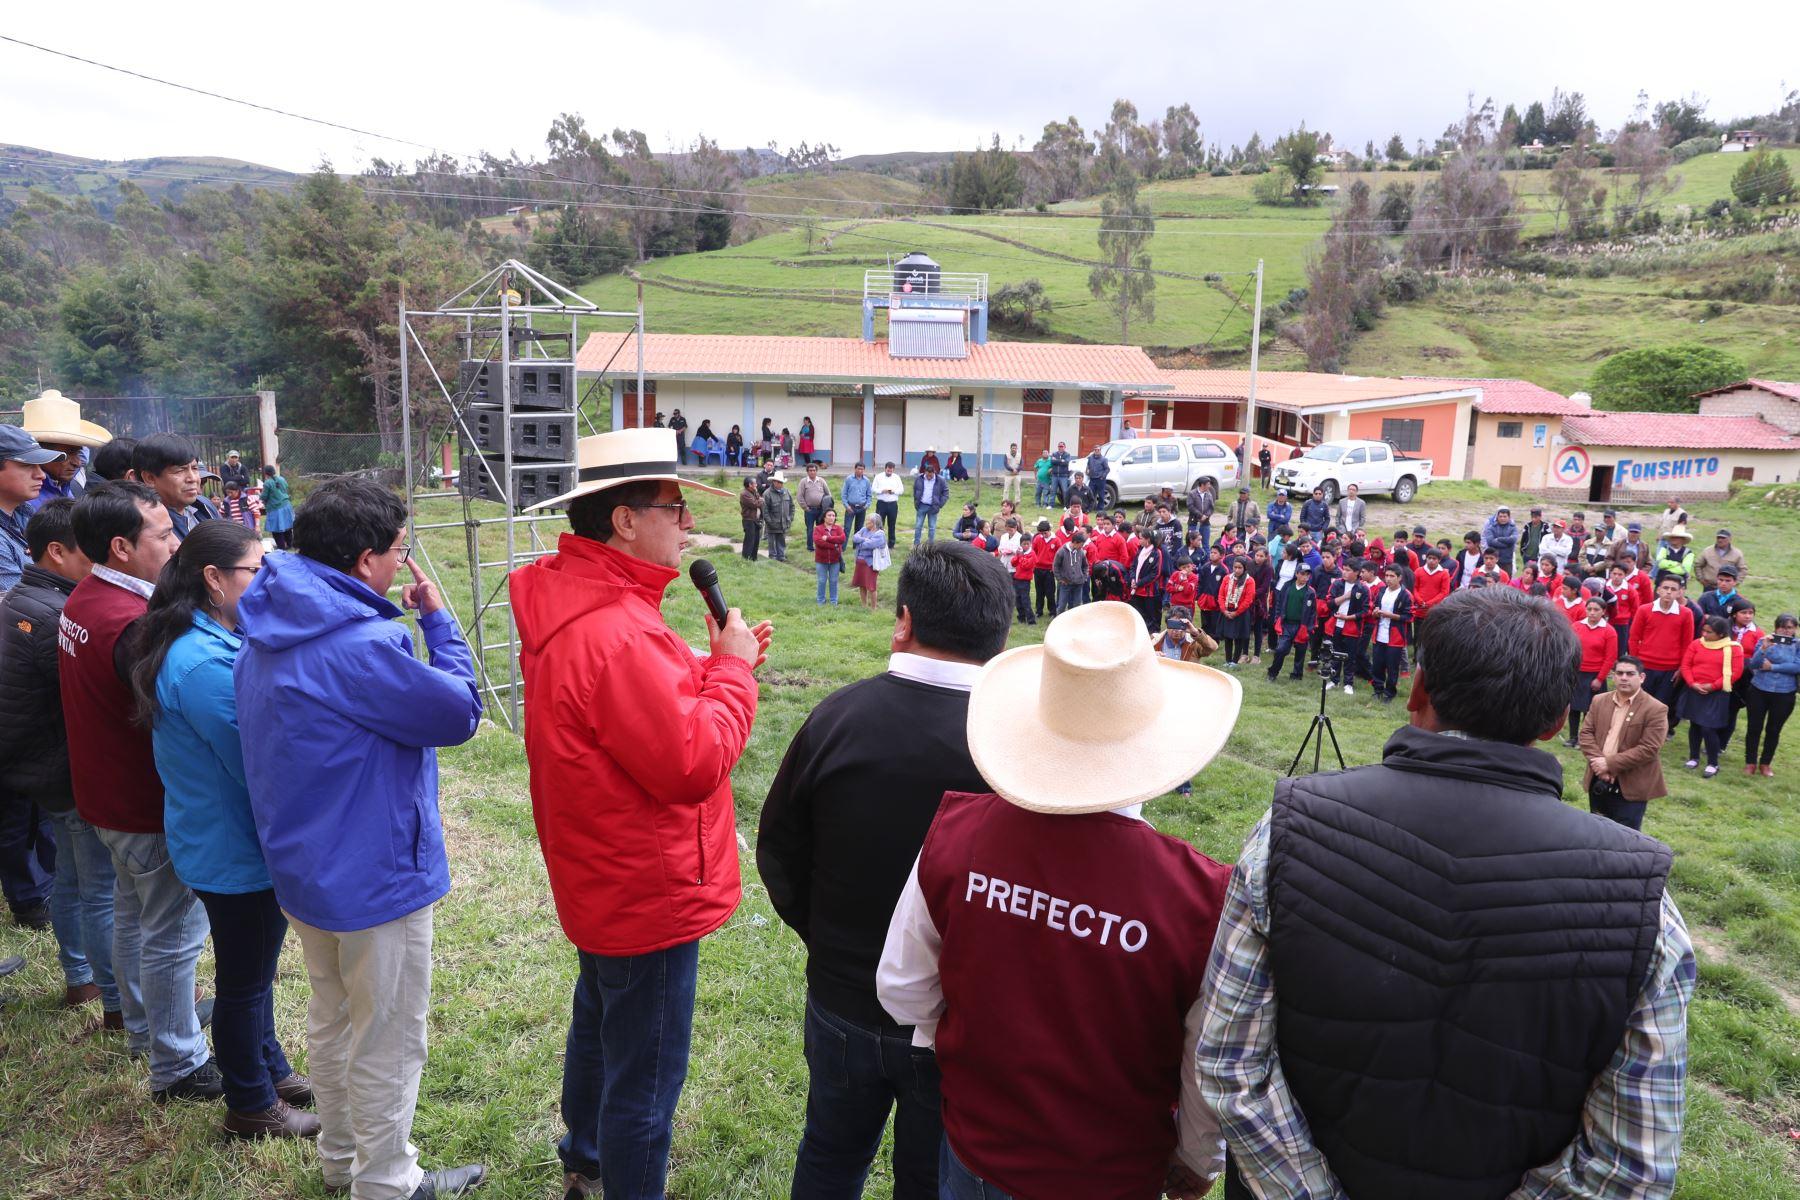 El ministro Francisco Ísmodes dio inicio a las obras de electrificación rural para los 12 centros poblados de la comunidad campesina de Michiquillay, proyecto que permitirá dotar de energía eléctrica continua y confiable a unos 5 mil pobladores.Foto: ANDINA/Minem